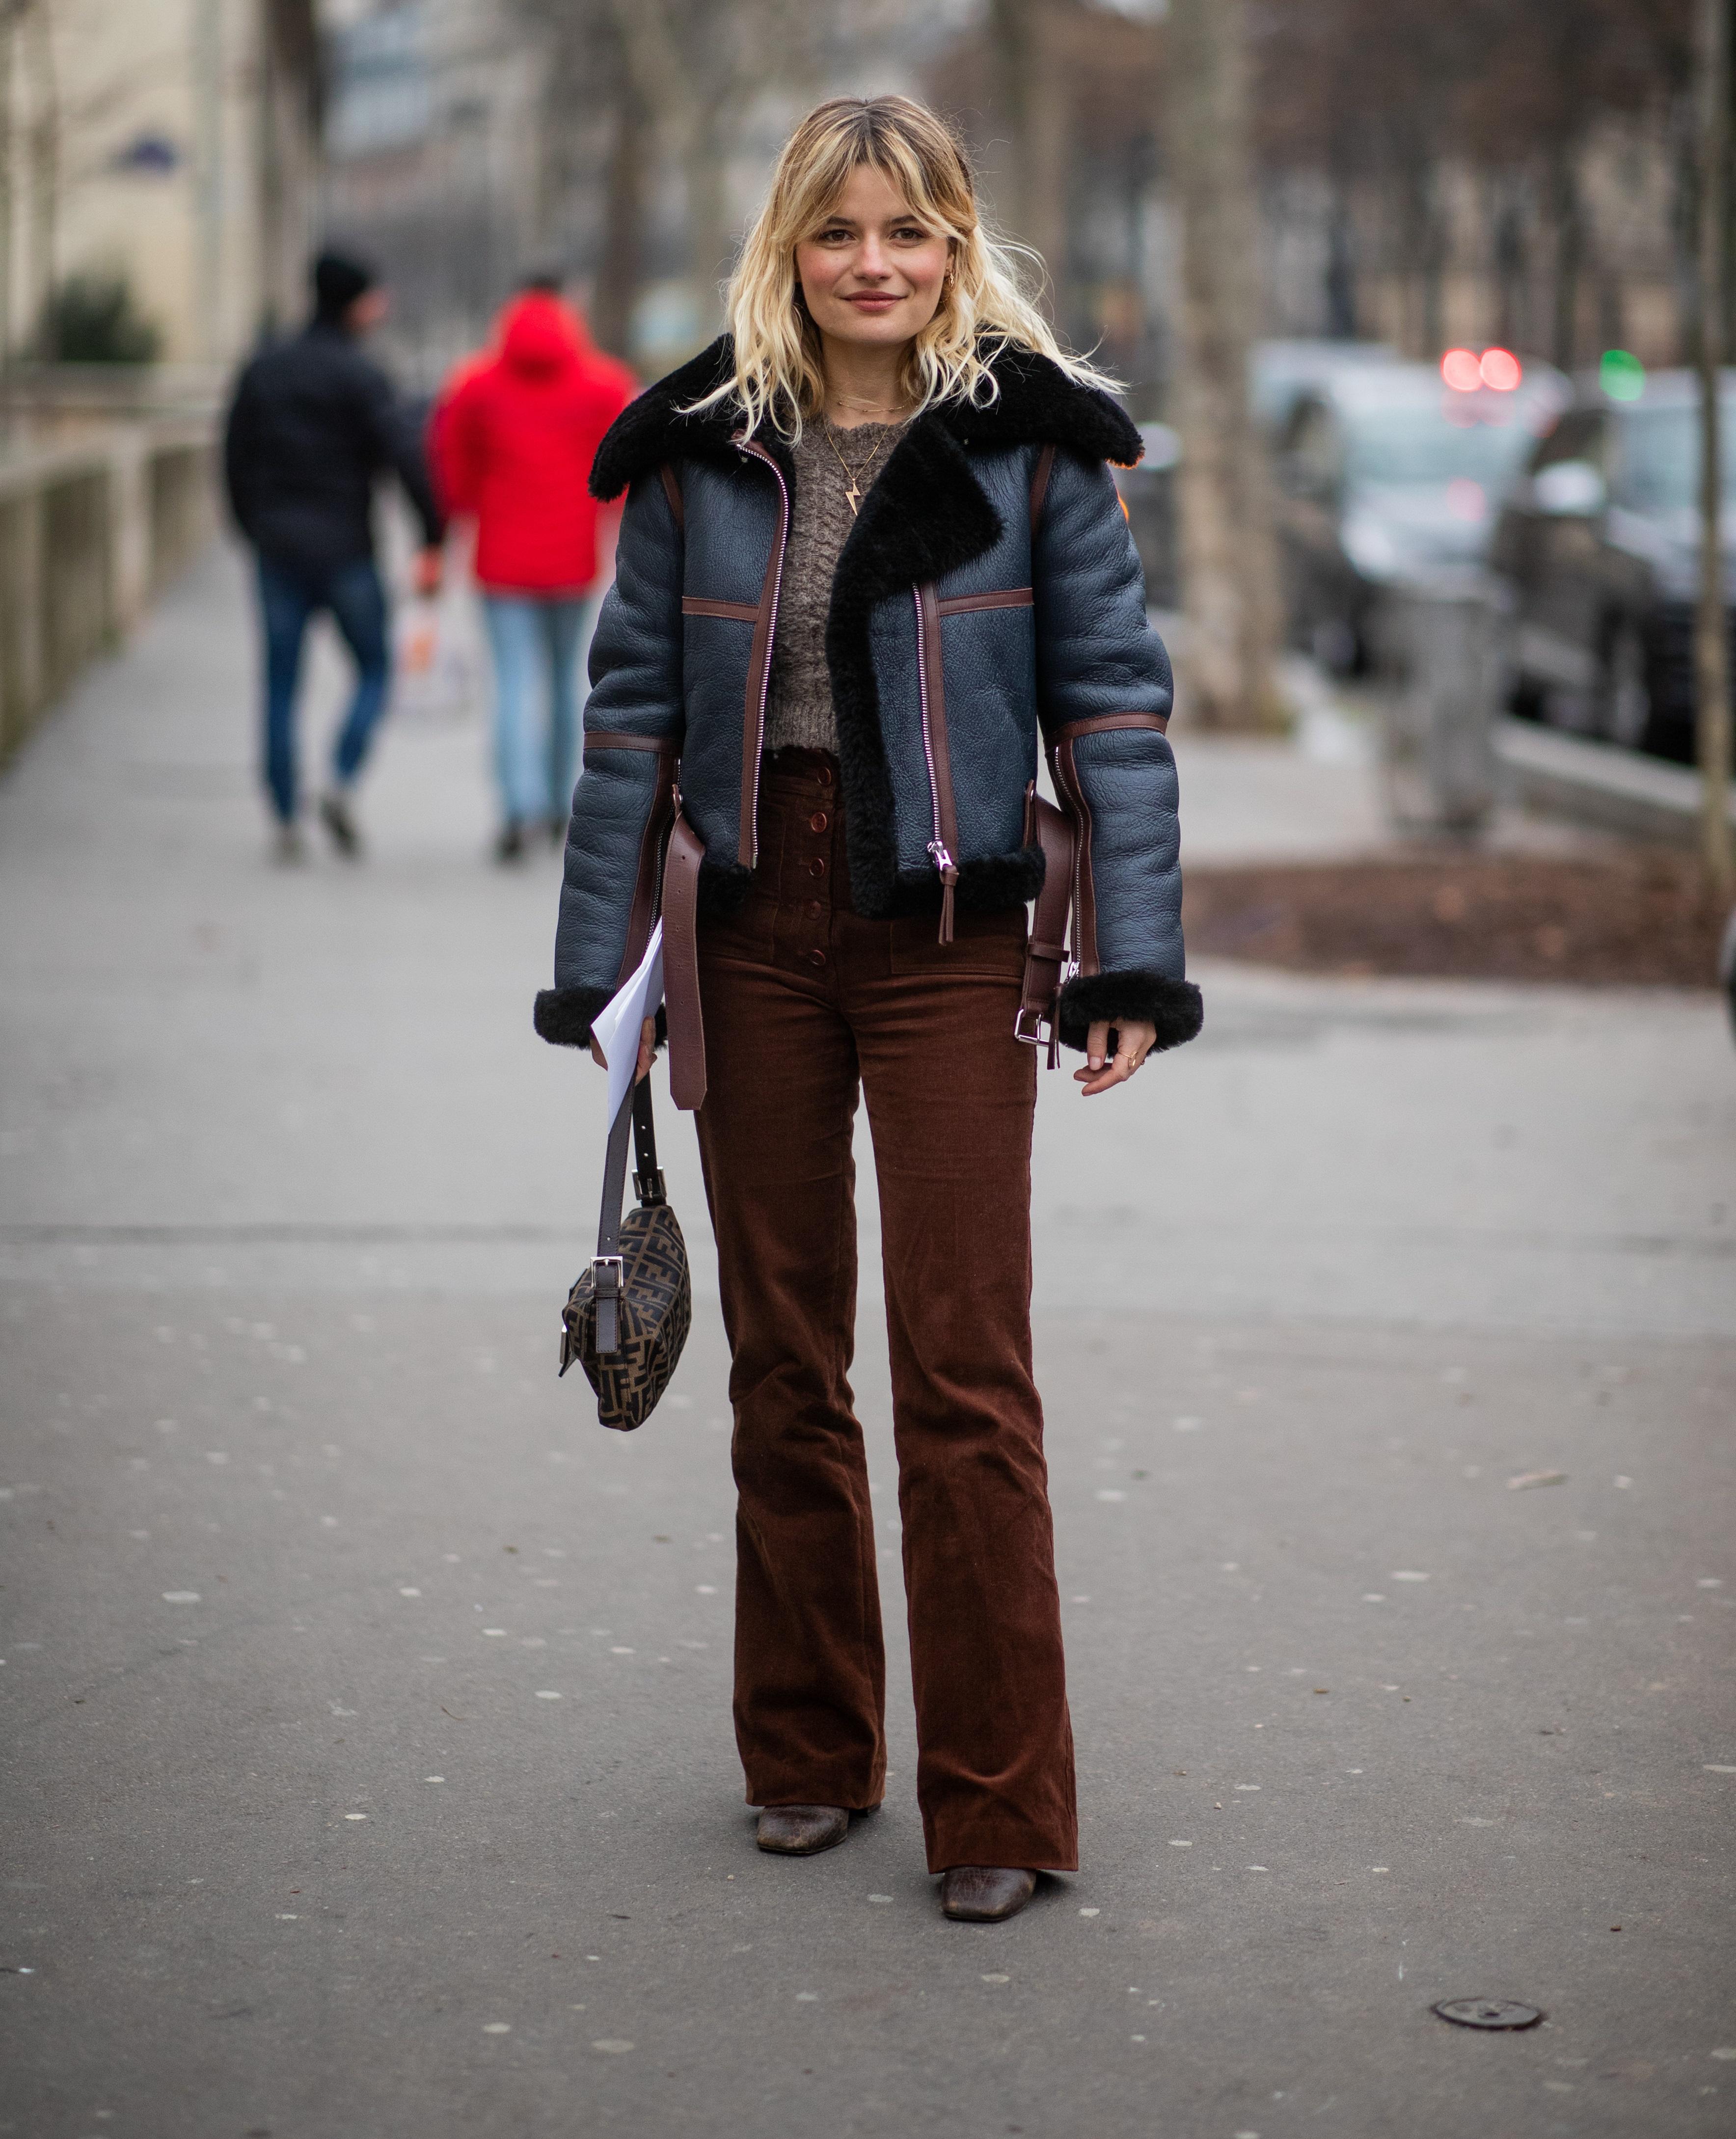 dc3bd07558 A kordbársony az idei tél egyik nagy visszatérője, és a párizsi nők  hatalmas kedvence.